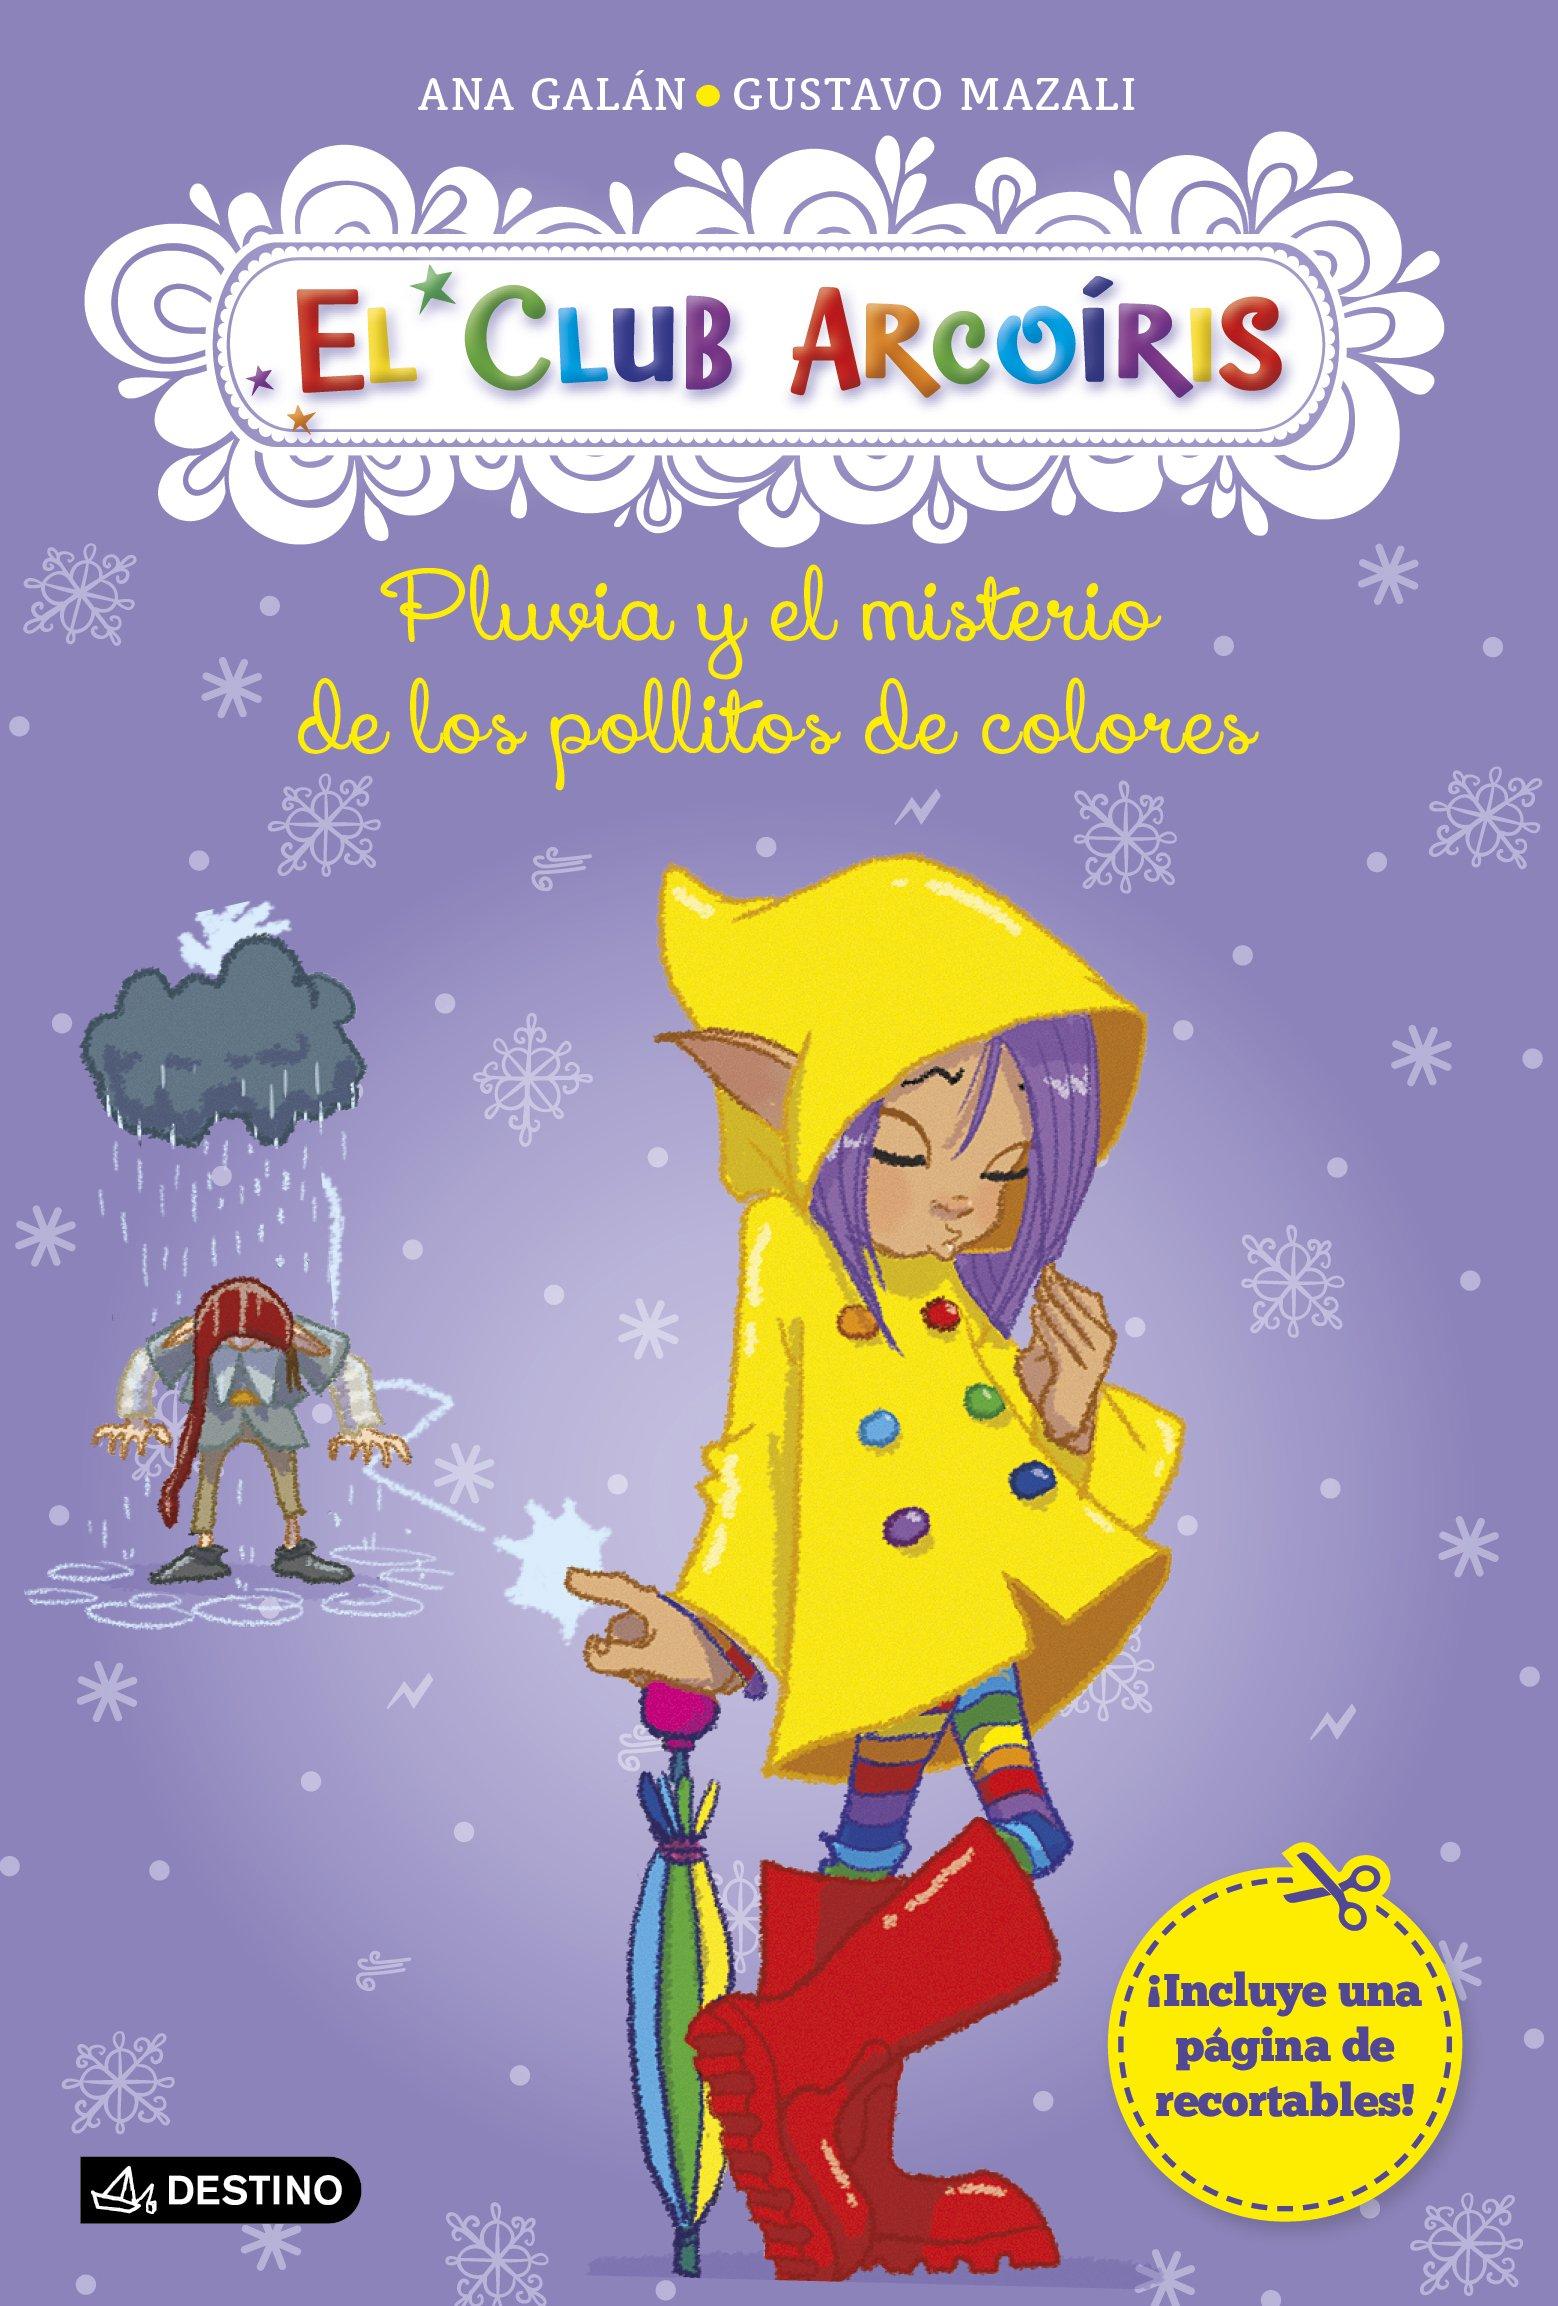 Download El club arcoiris # 5: Pluvia y el misterio de los pollitos de colores (Spanish Edition) ebook